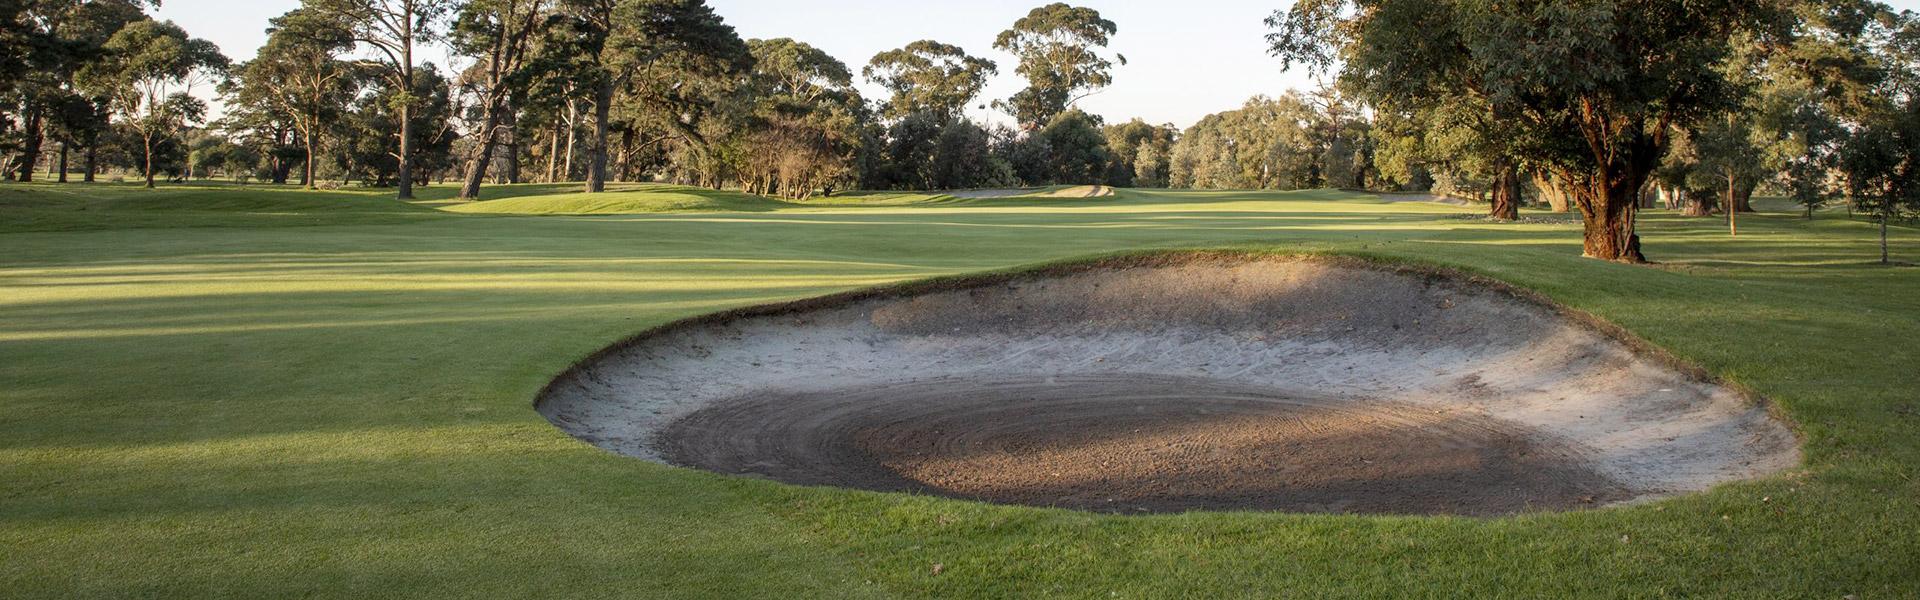 Hole 11 - Rossdale Golf Club